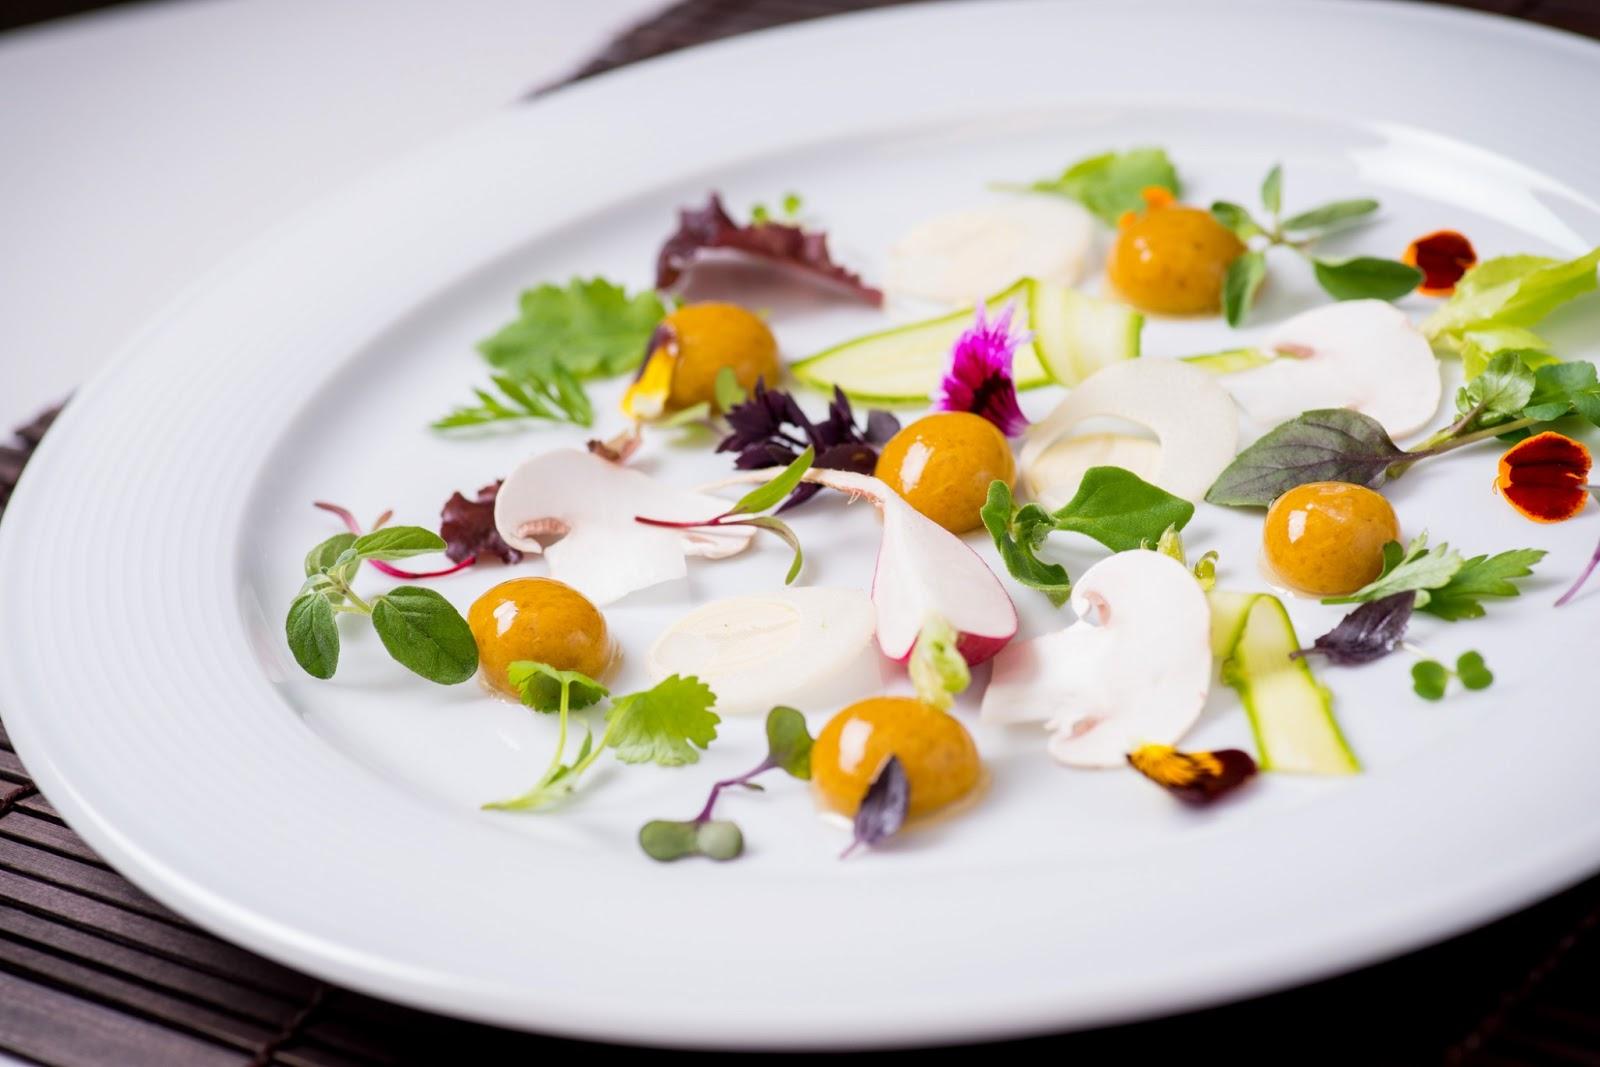 Datz gourmet t cnicas moleculares no muller gastronomia for Tecnicas de cocina molecular